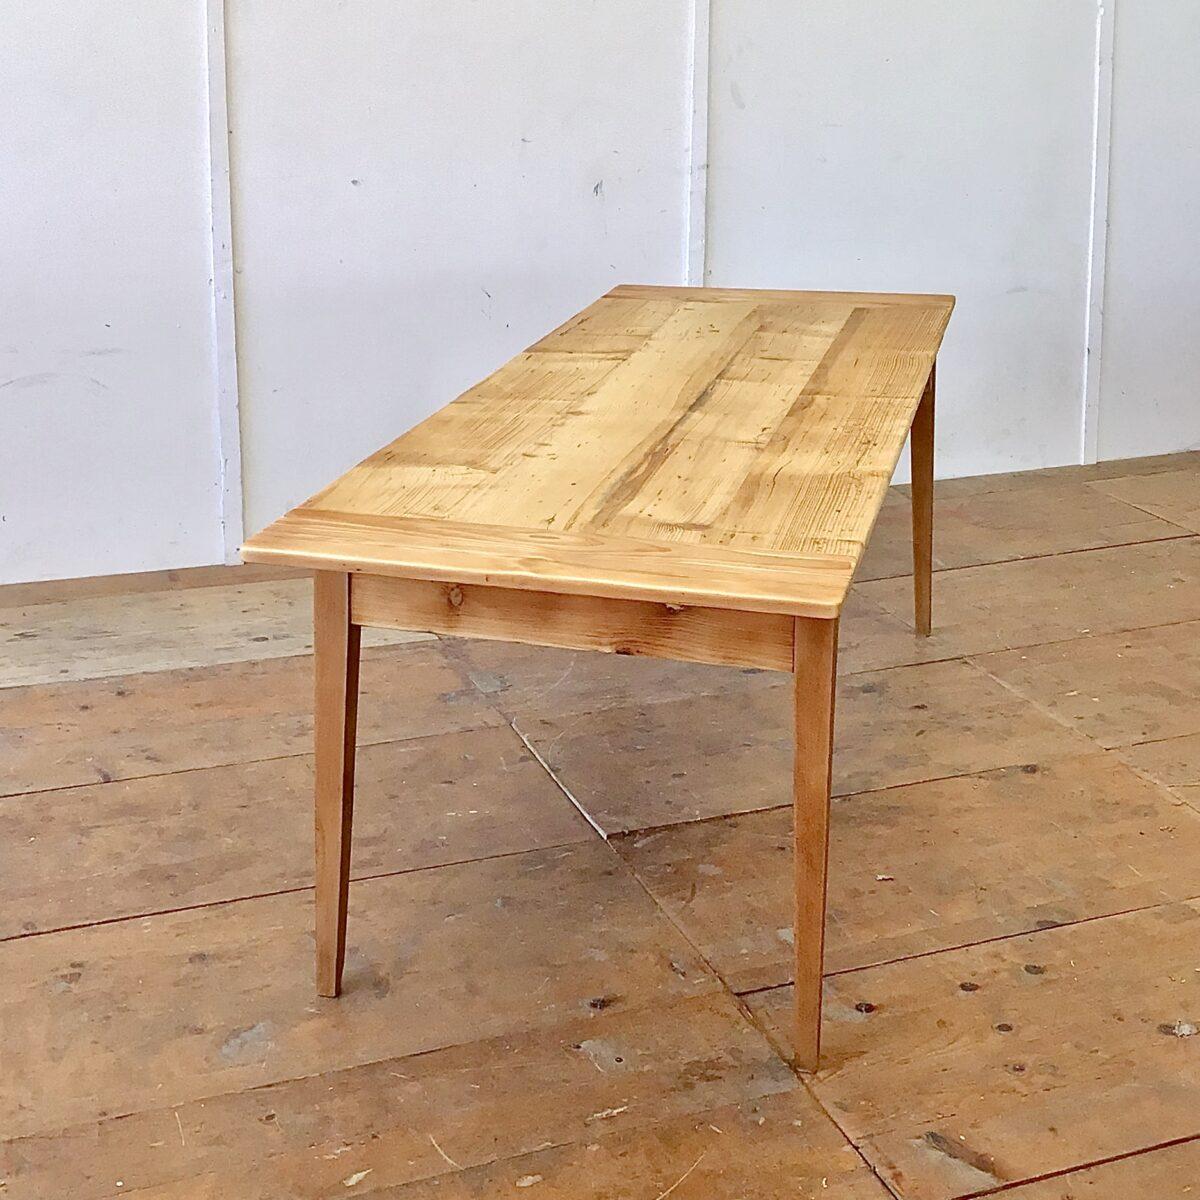 Tannenholz Biedermeiertisch 207x78cm Höhe 72.5cm. Tischbeine frisch verleimt und stabilisiert. Holzoberflächen geschliffen und mit Naturöl behandelt.